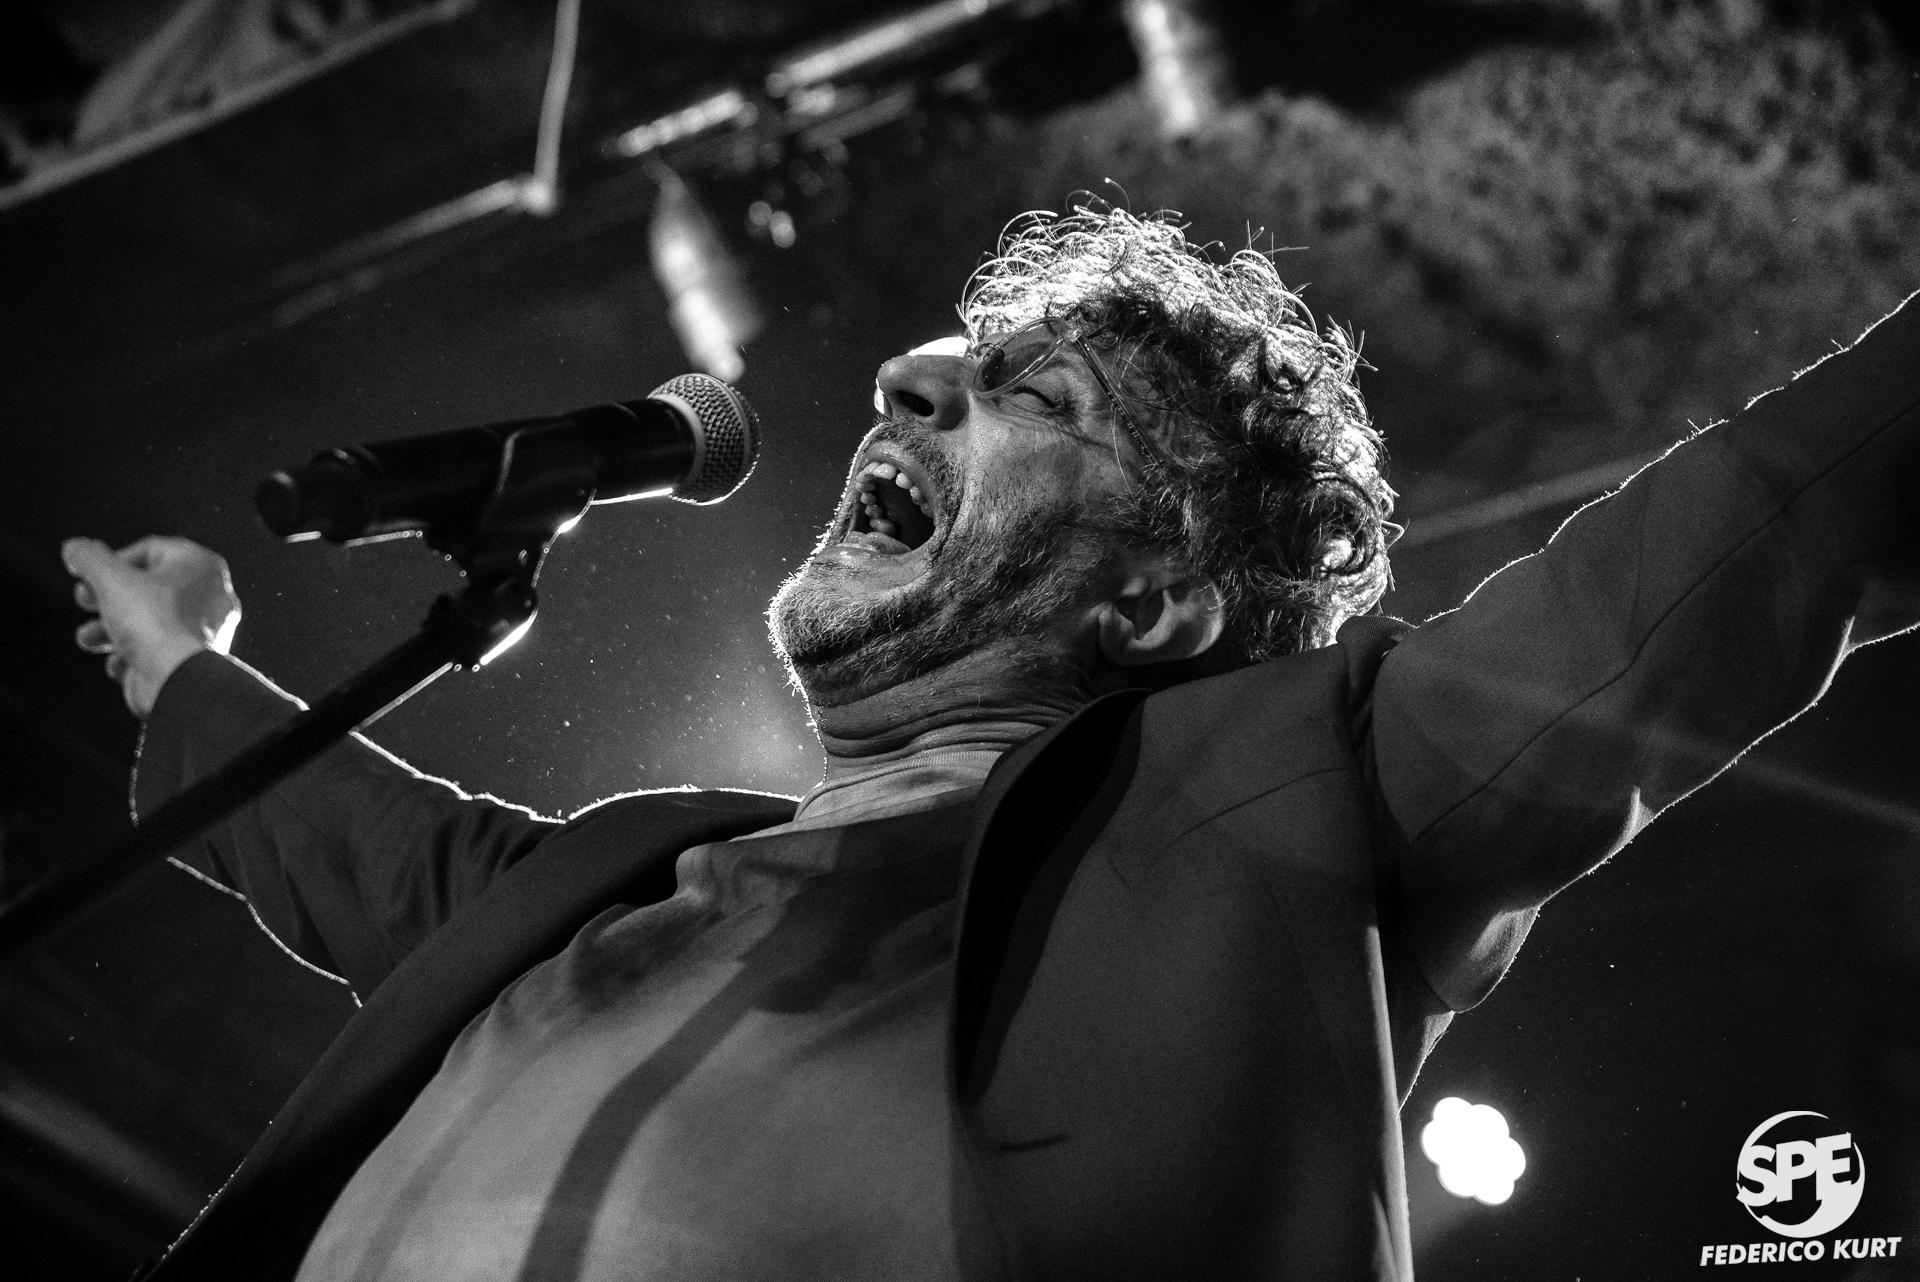 FITO PÁEZ - 23.12.2018#EnFotos: el año de Fito Páez, que incluyó numerosos Gran Rex, concierto en New York y un sin fin de shows, cerró en un concierto íntimo en La Trastienda.